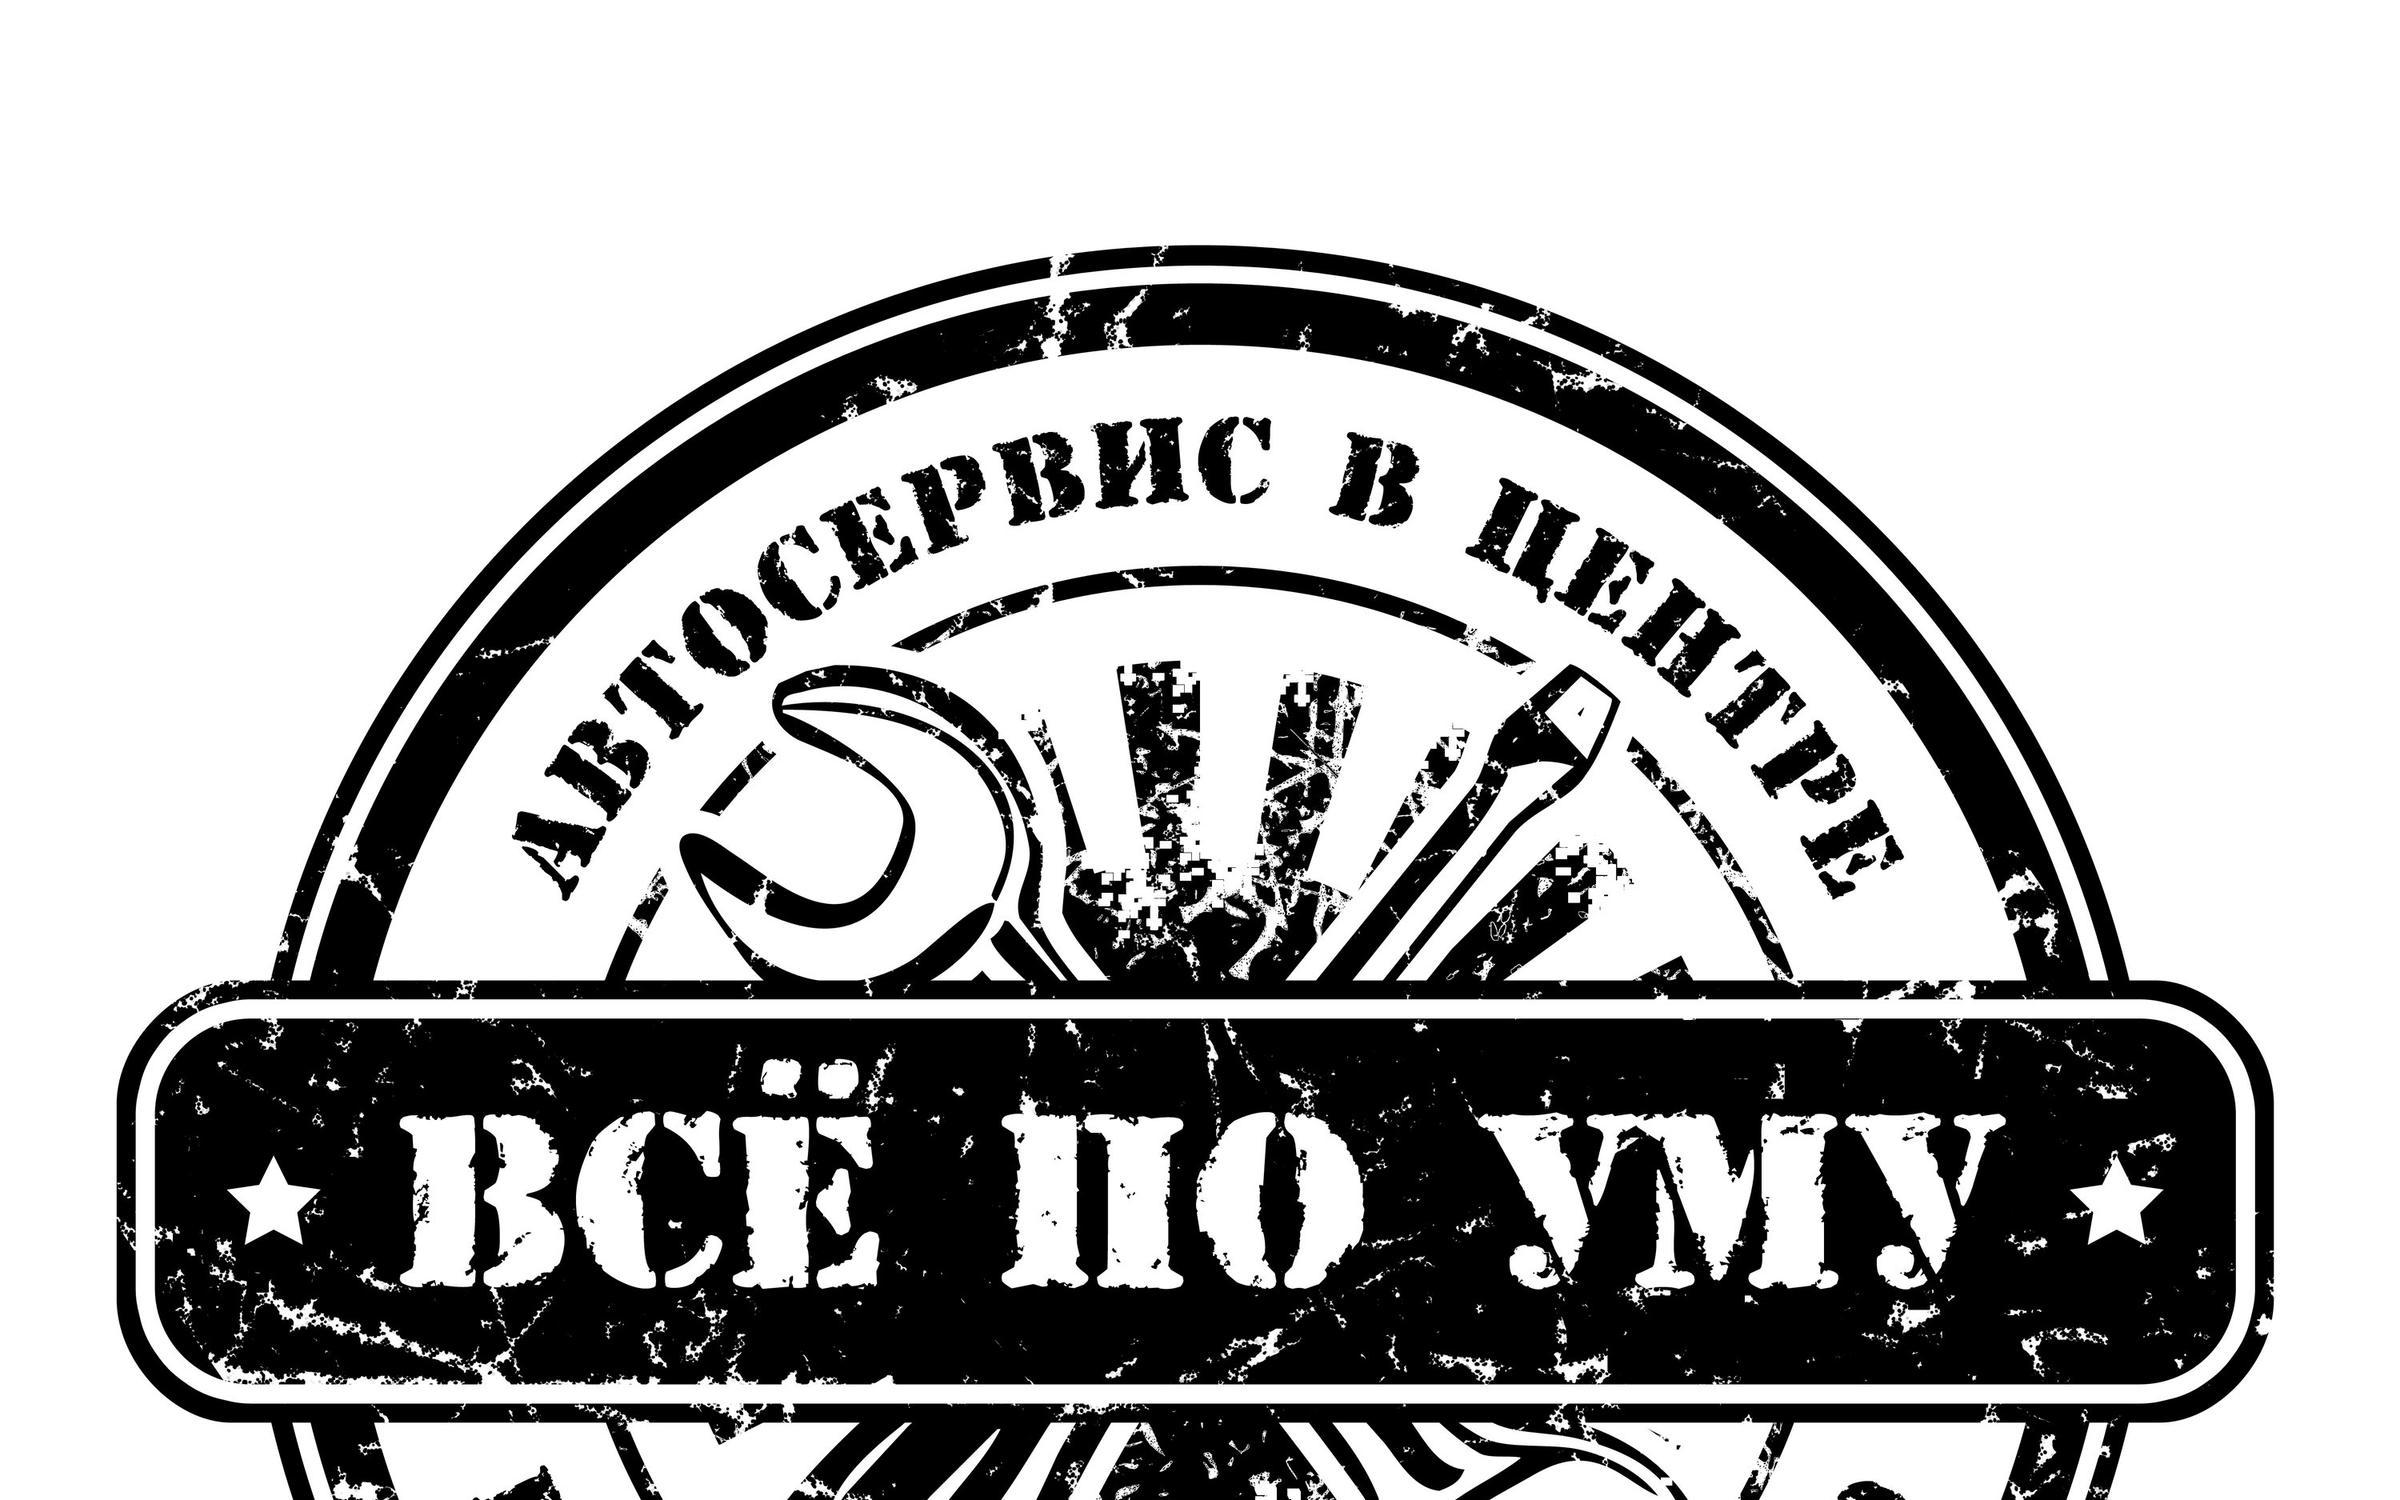 фотография Автосервиса Все по уму на Первомайской улице, 136а